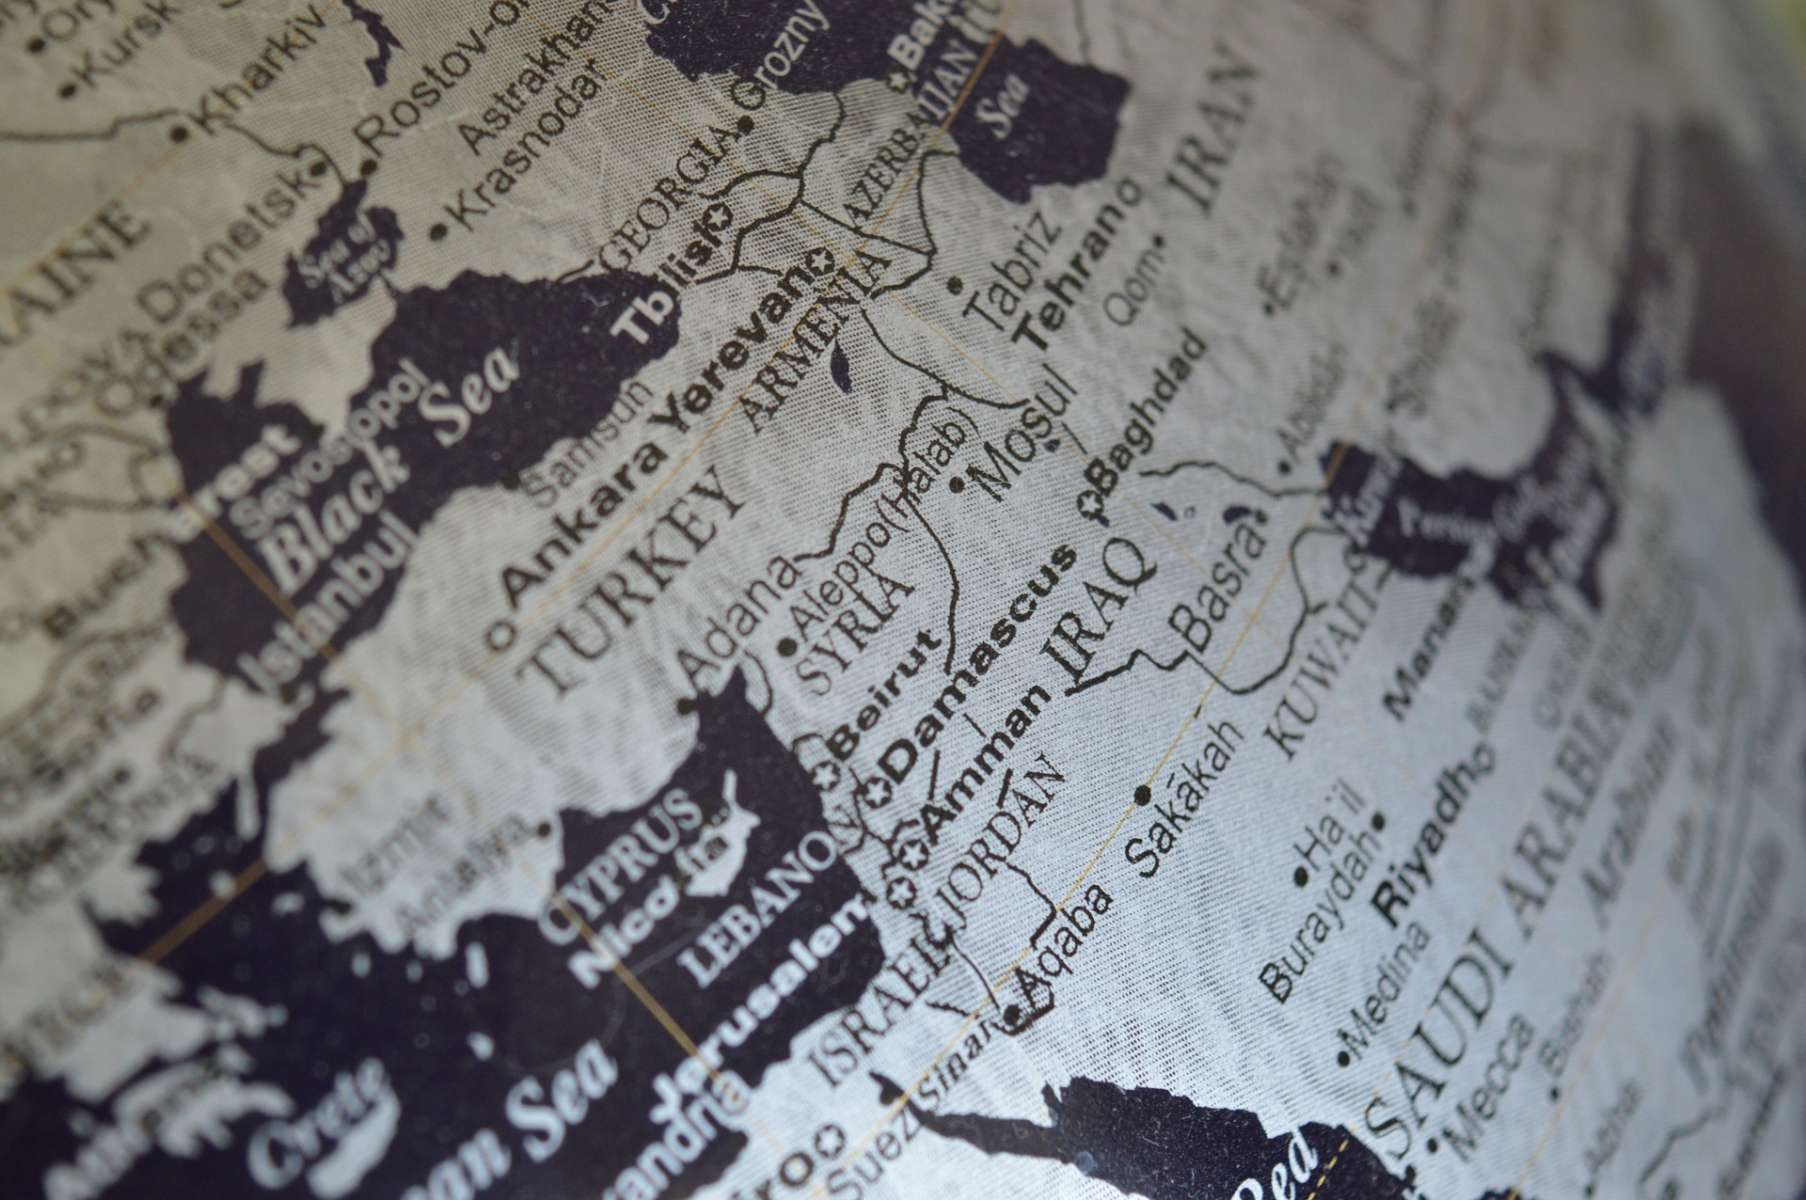 Frappes en Syrie : il est urgent d'ouvrir un réel dialogue politique